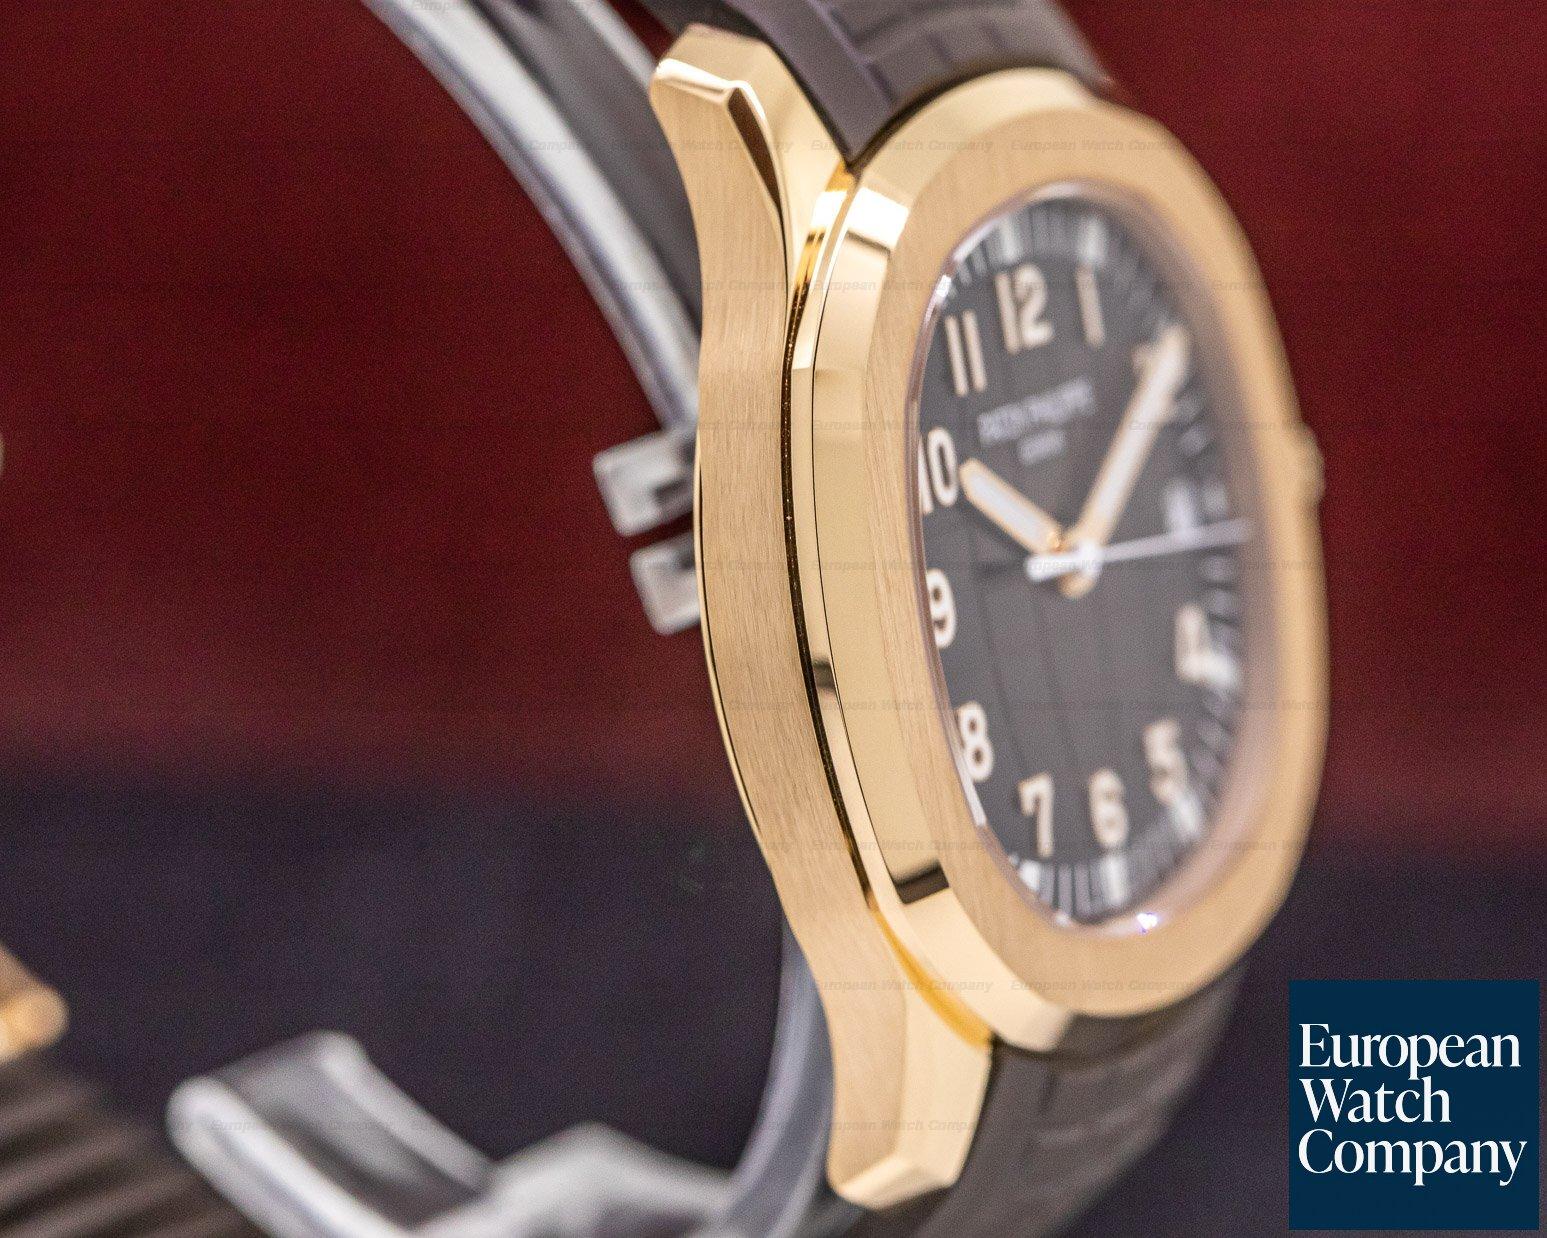 Patek Philippe 5167R-001 Aquanaut 18K Rose Gold / Brown Dial 2019